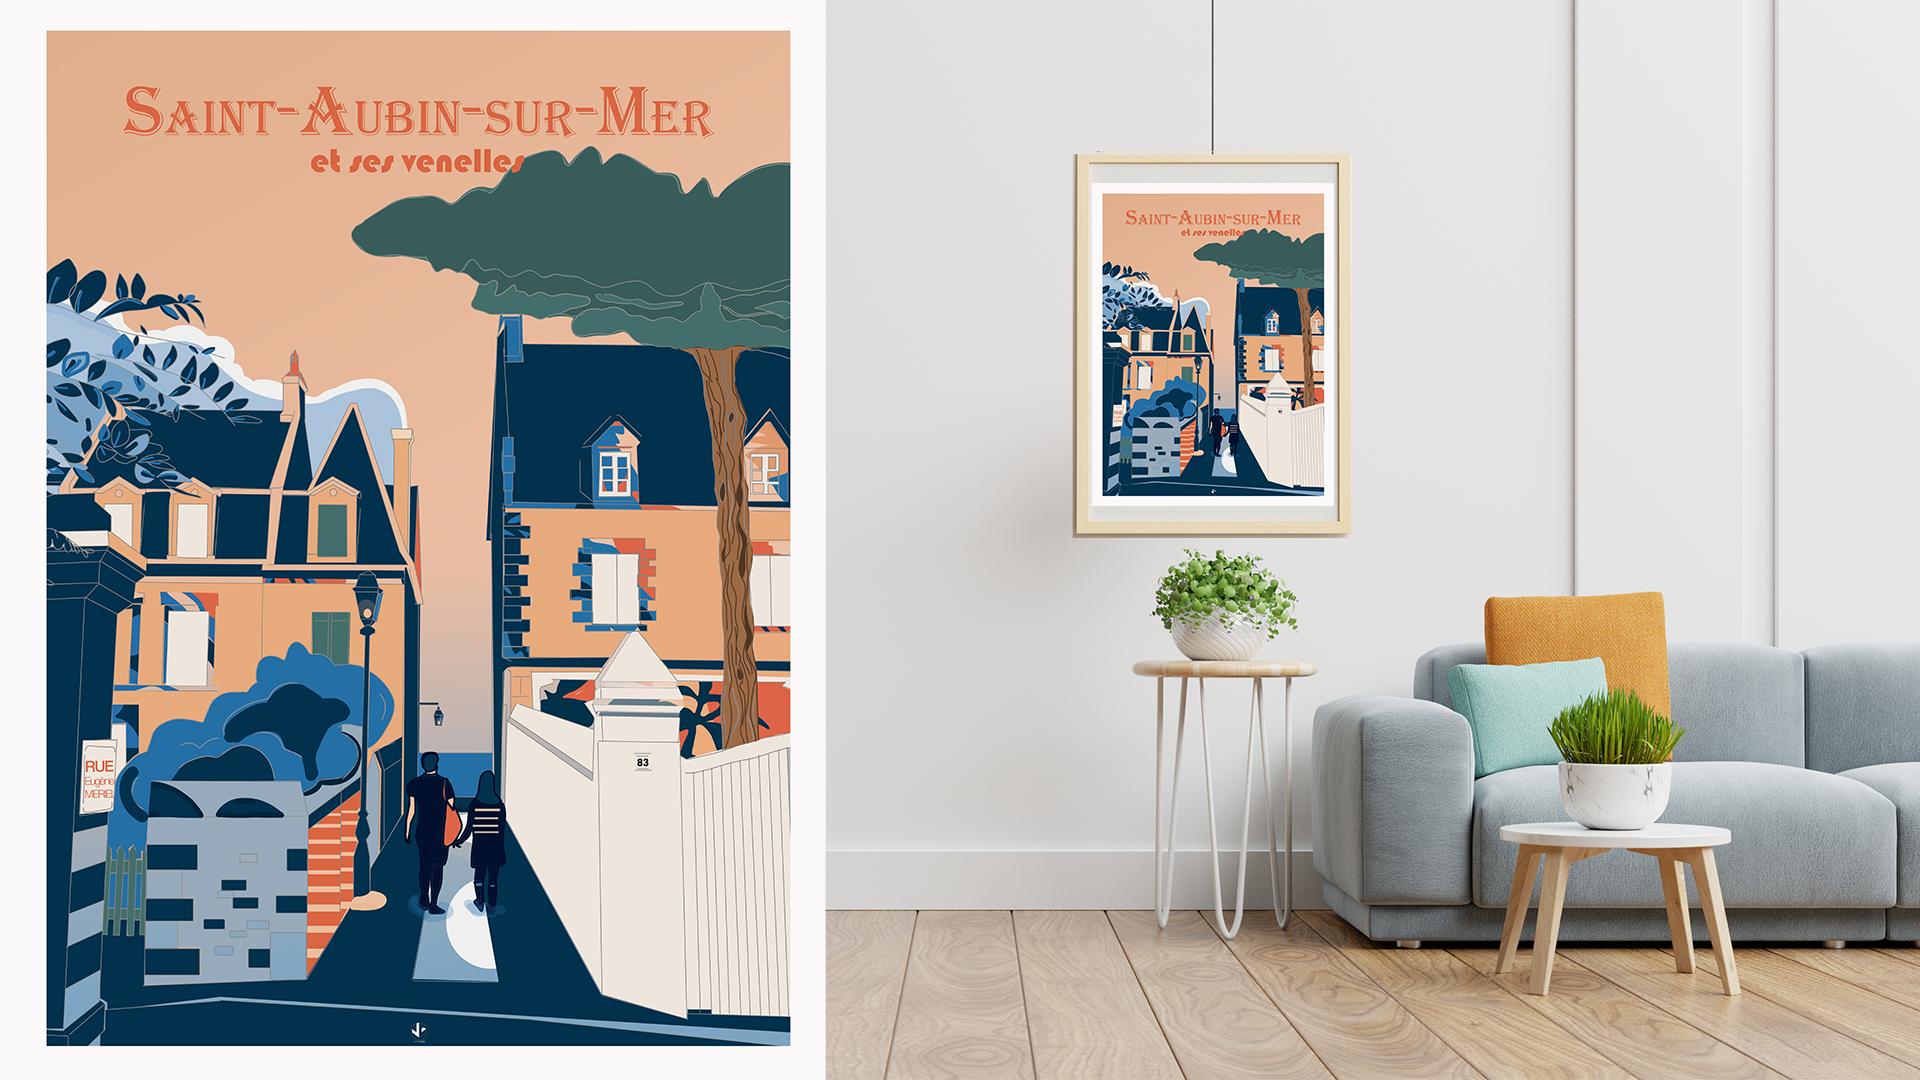 affiche illustrée Venelles Saint Aubin sur Mer Côte de Nacre Normandie